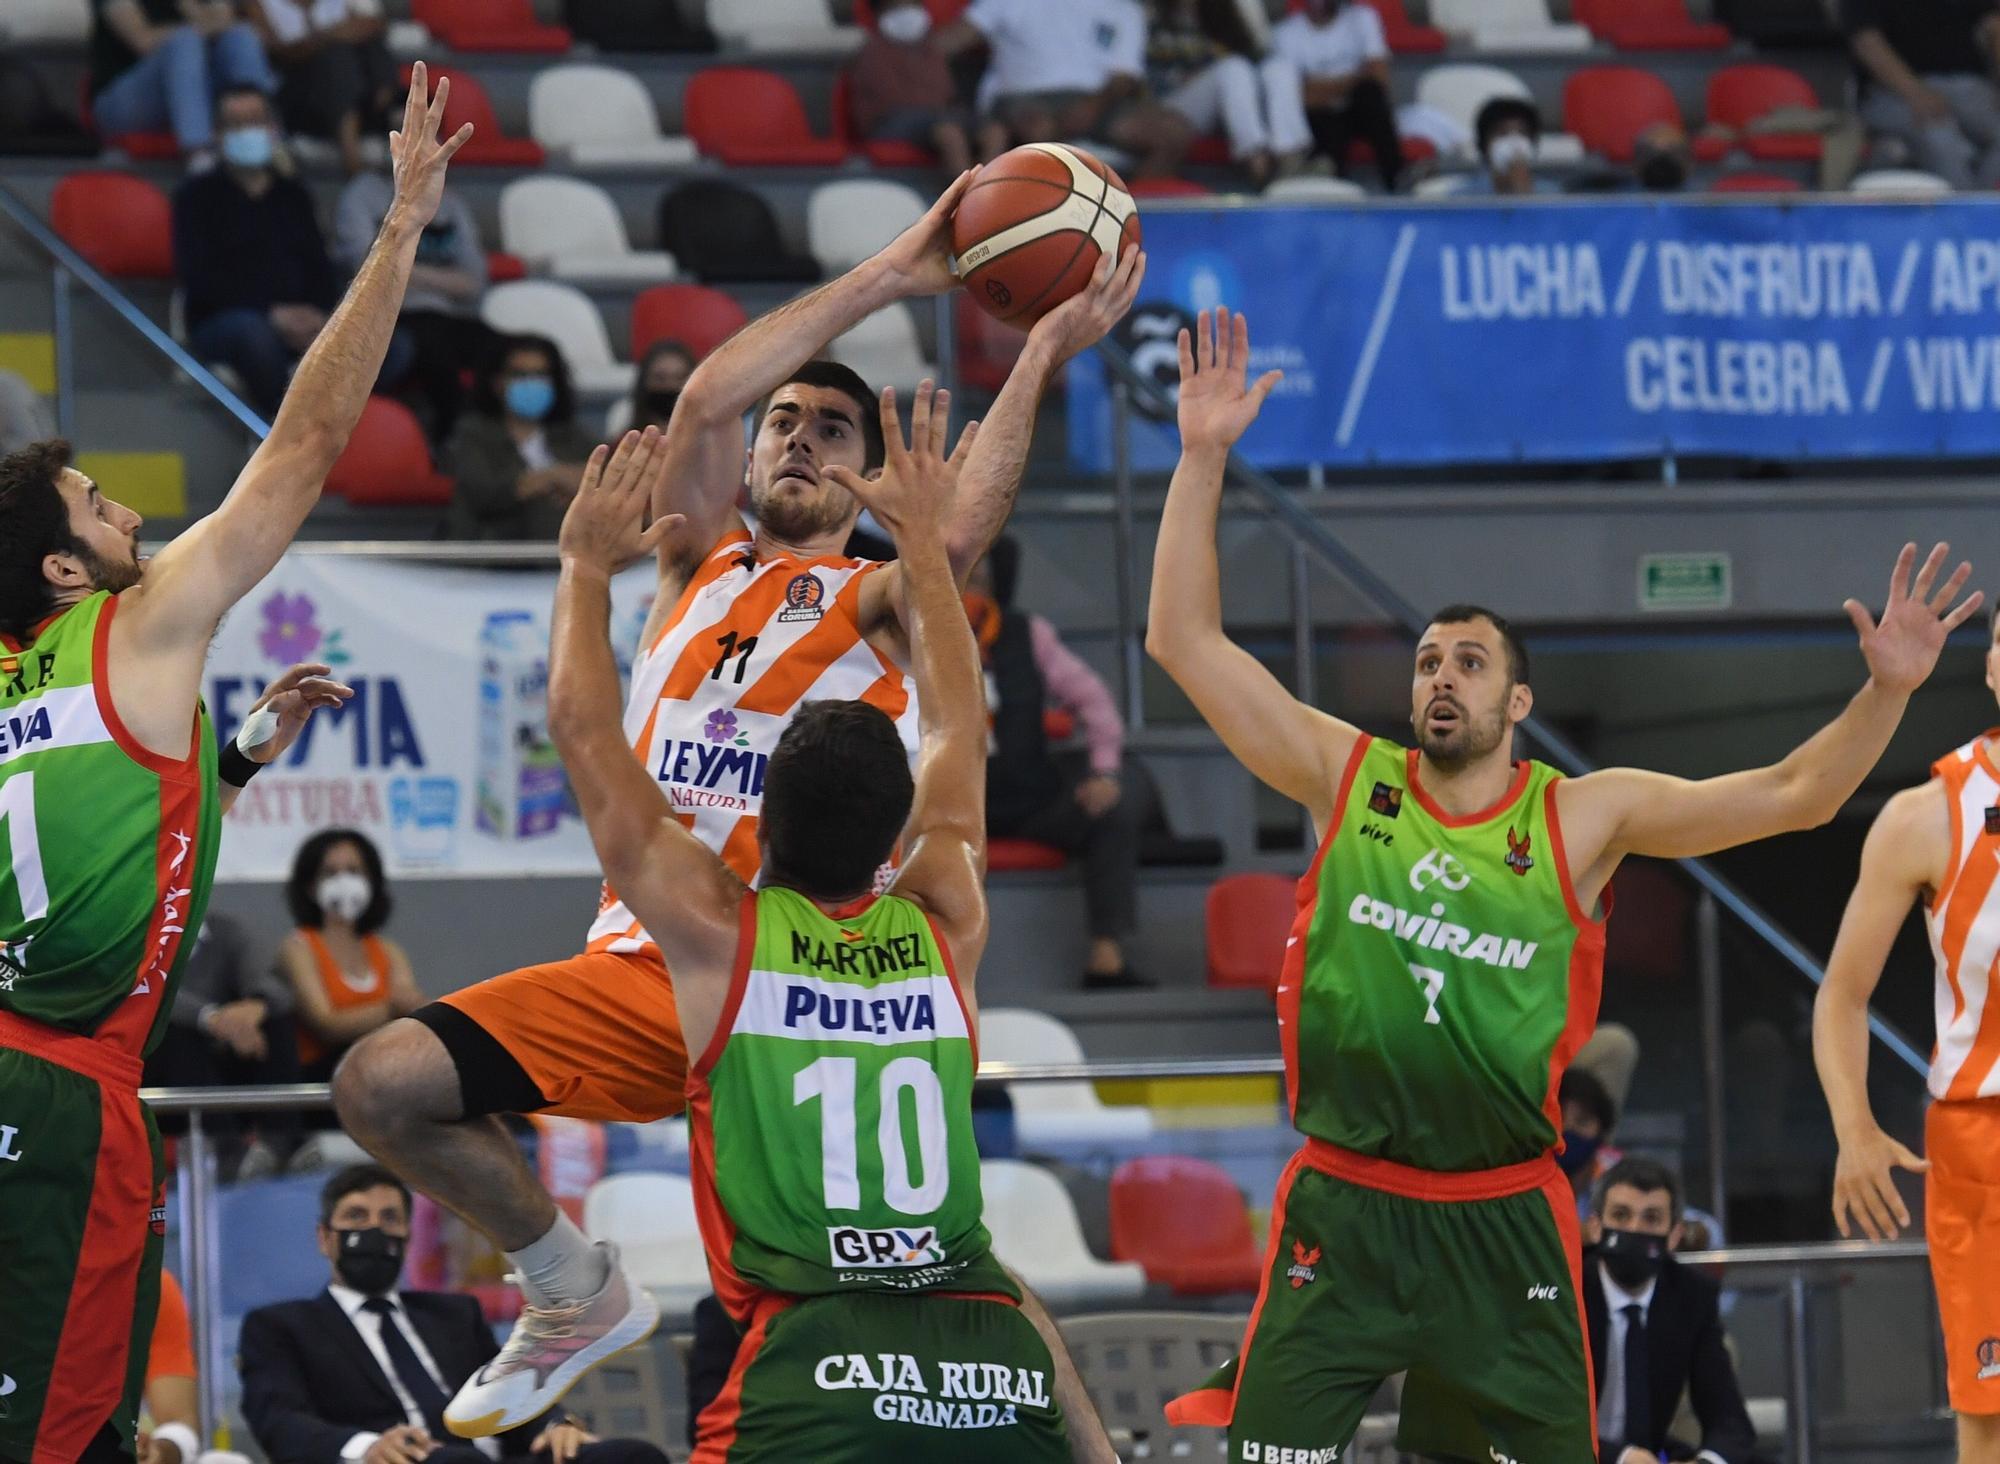 El Leyma cae 82-85 ante el Granada